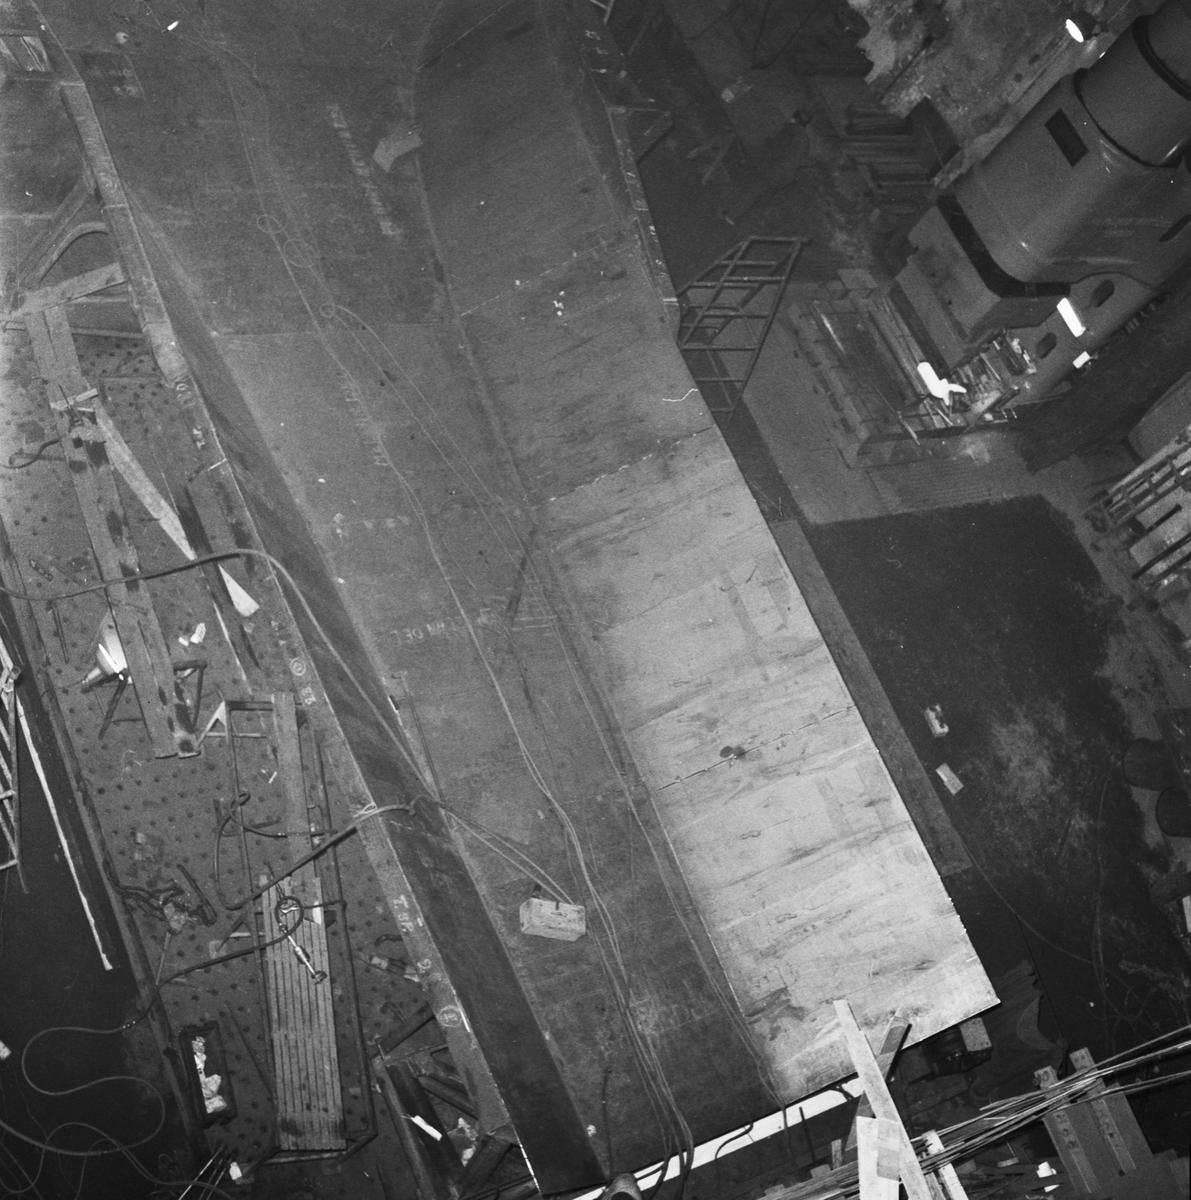 Övrigt: Foto datum: 30/1 1958 Byggnader och kranar Arb. projekt i plåtverkstan, pannverkstan och smedjan